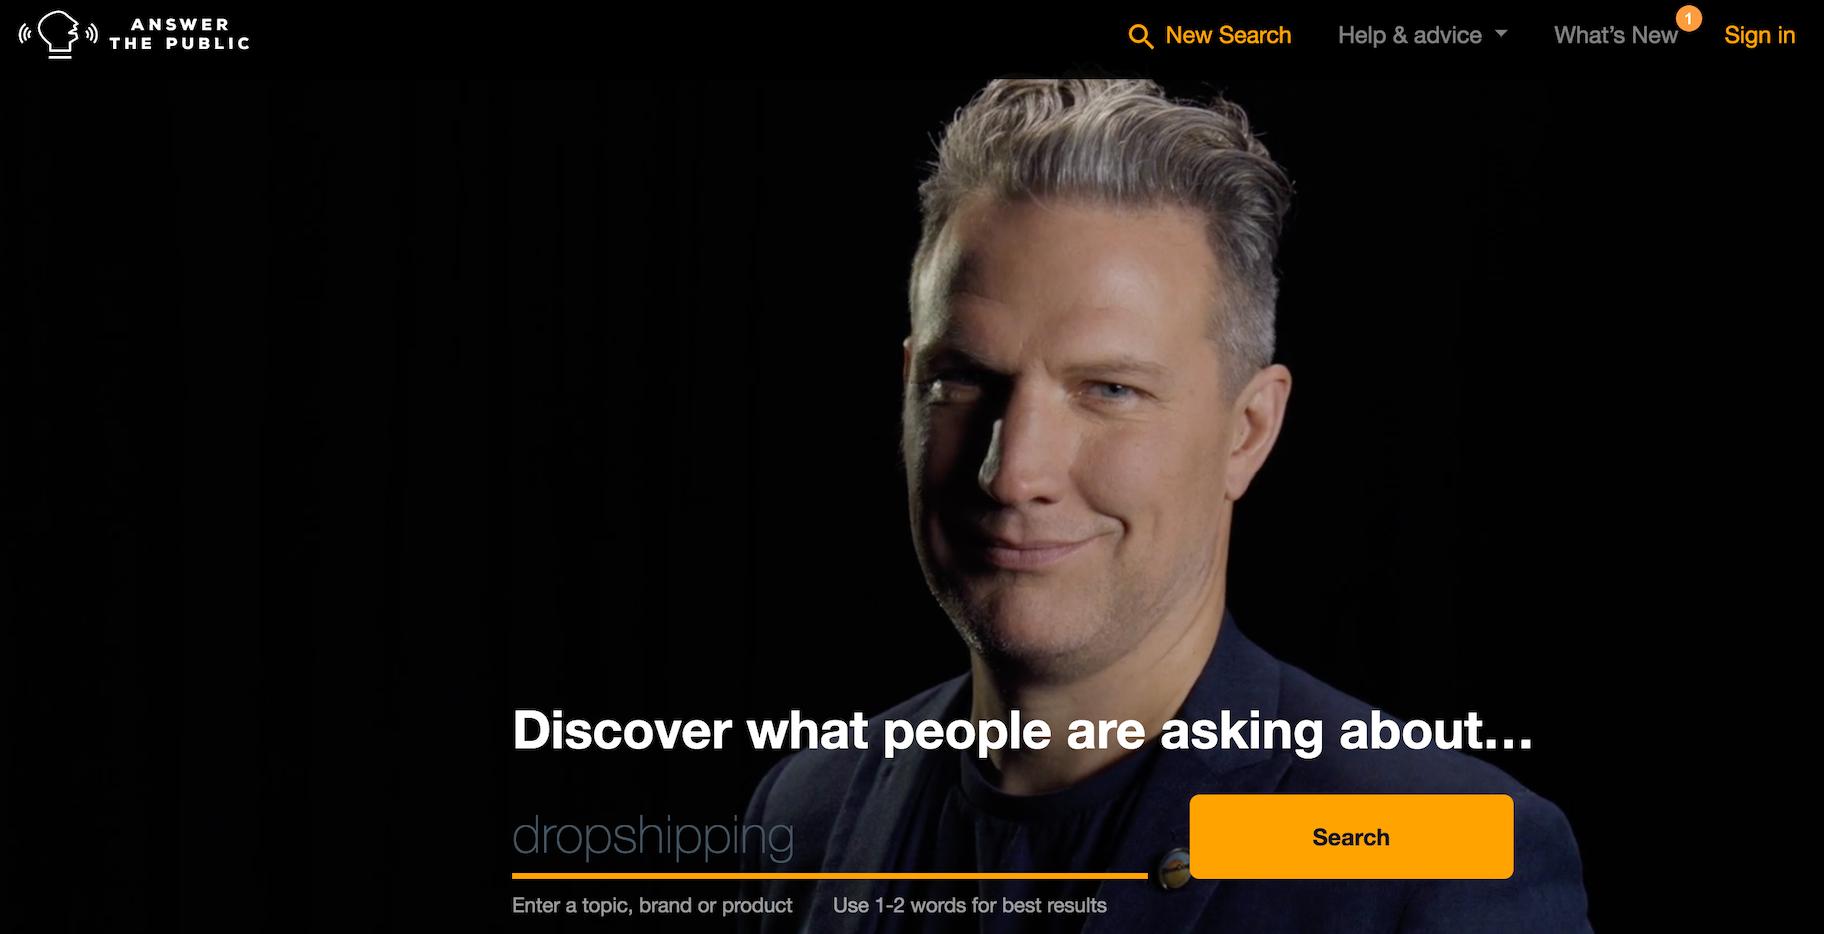 ricerca per webinar: answer the public